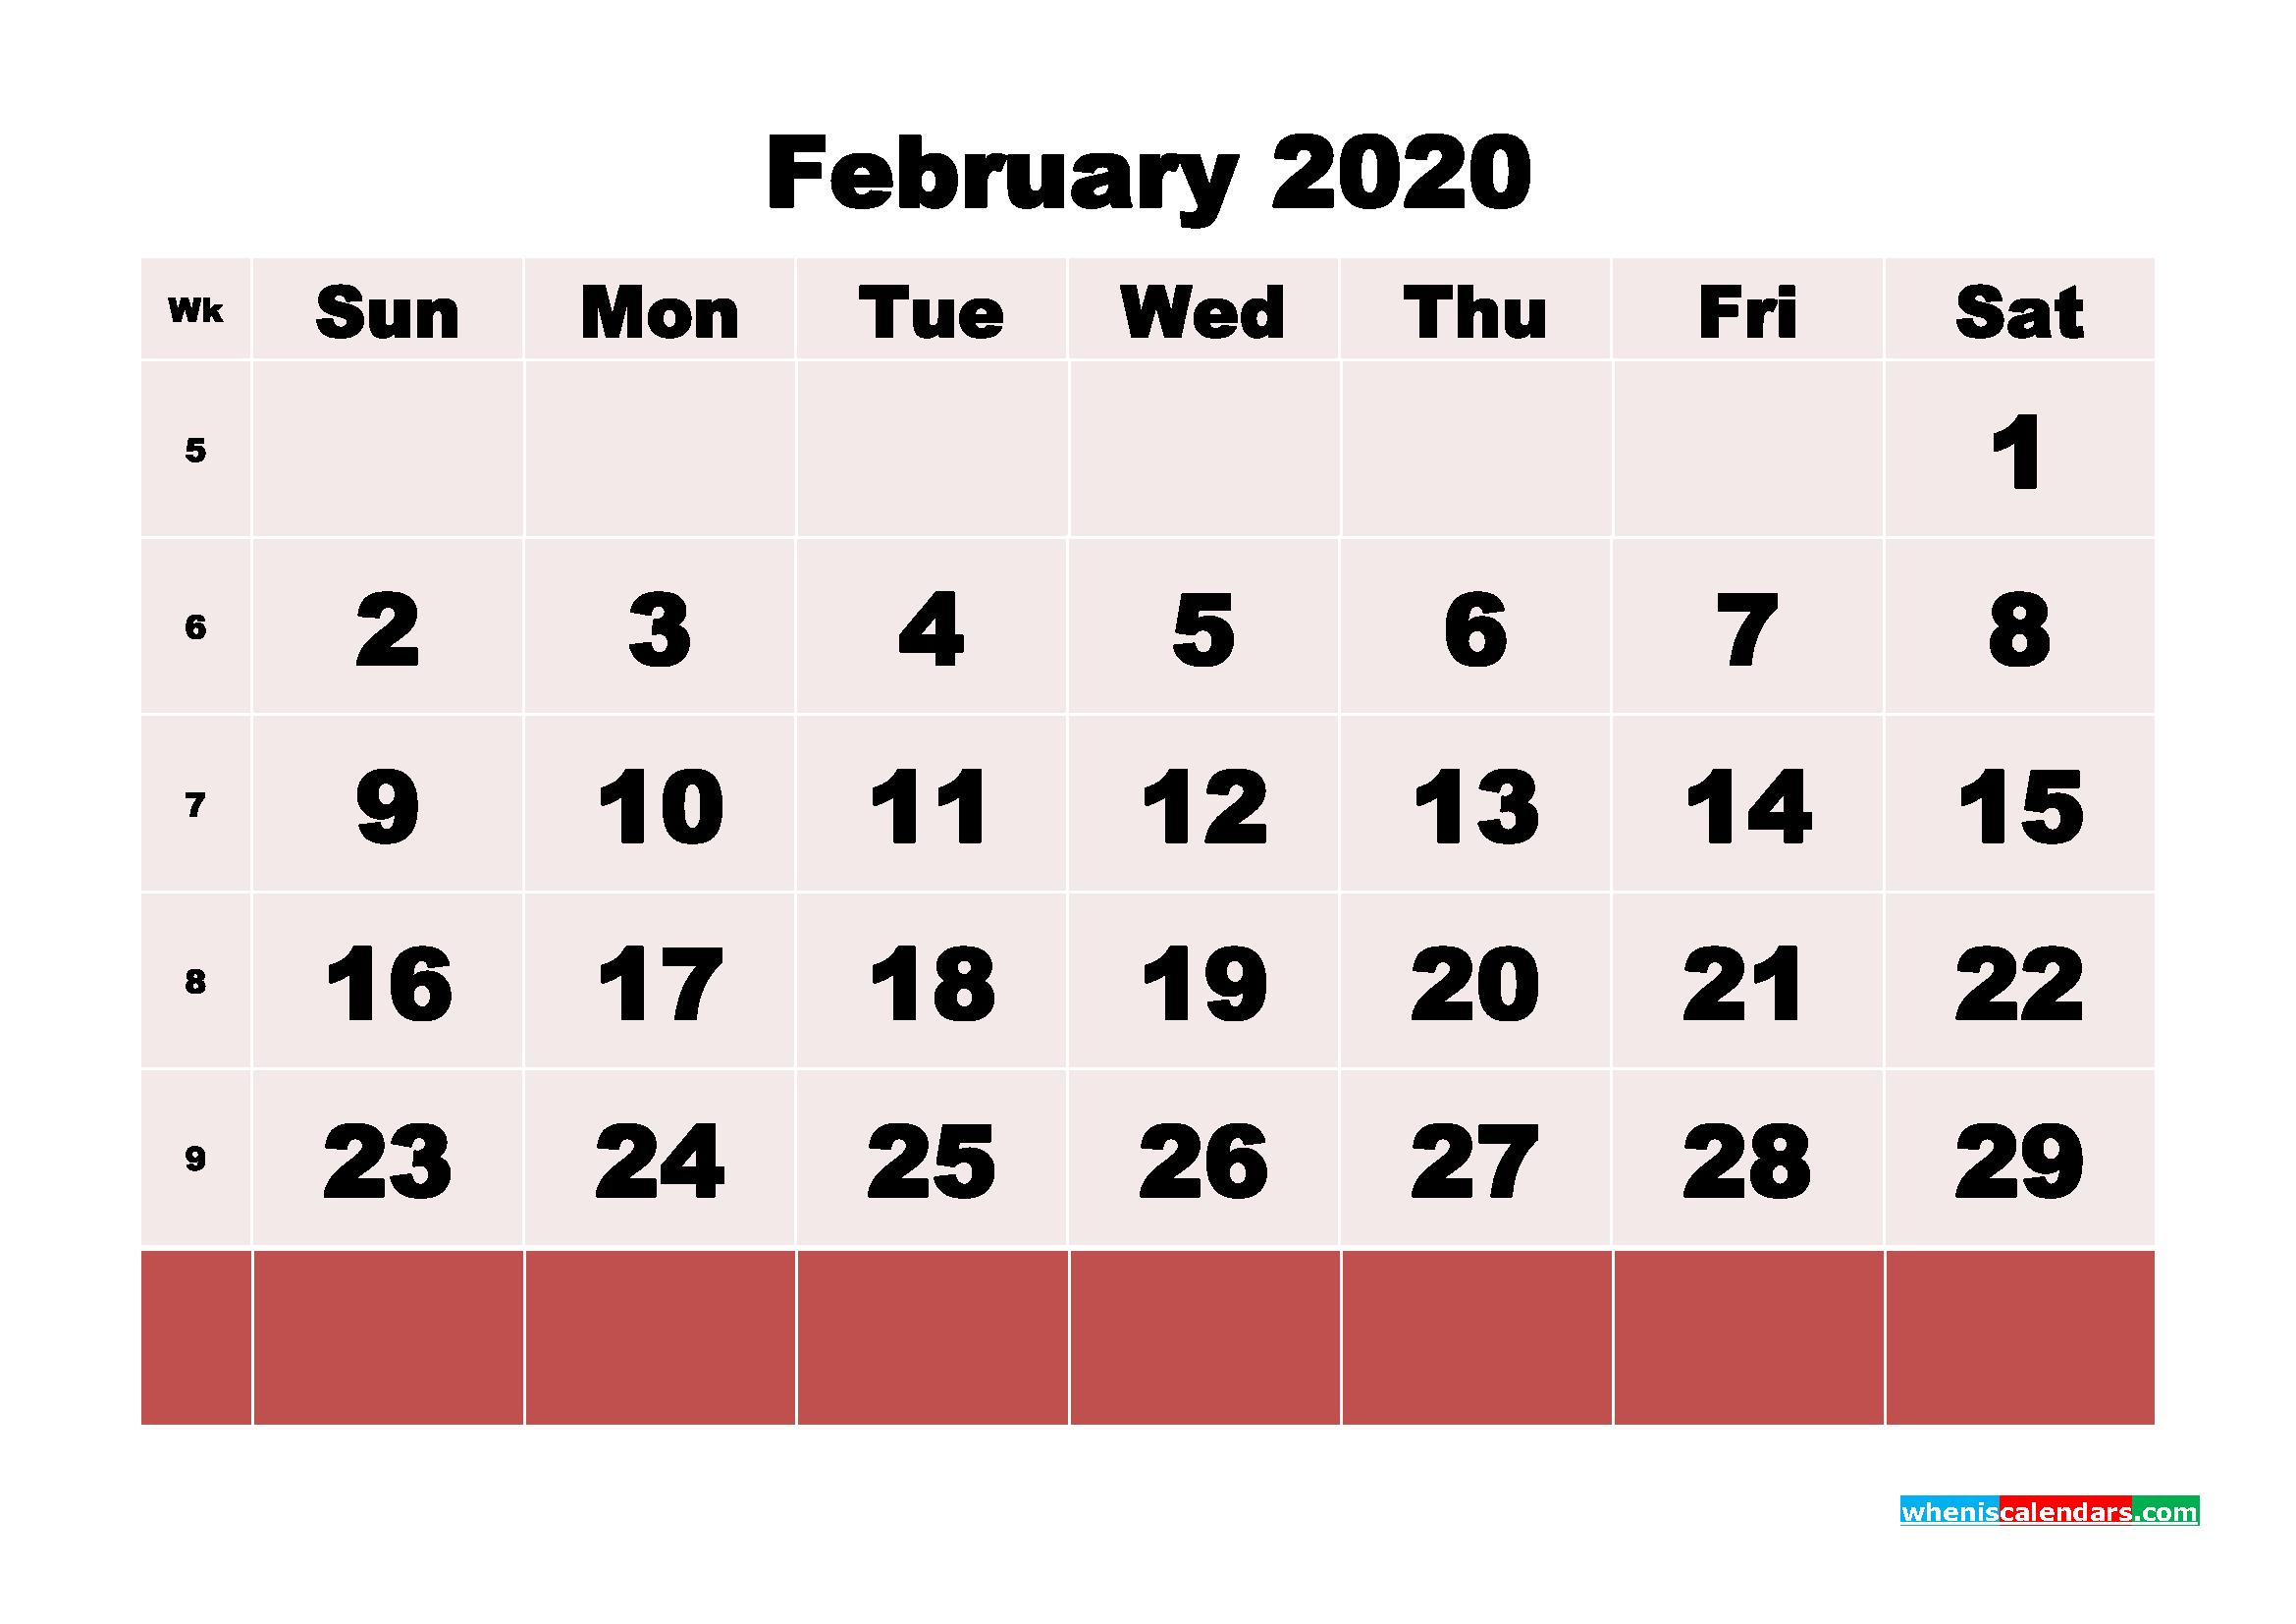 Free Printable February 2020 Calendar - No.m20b98